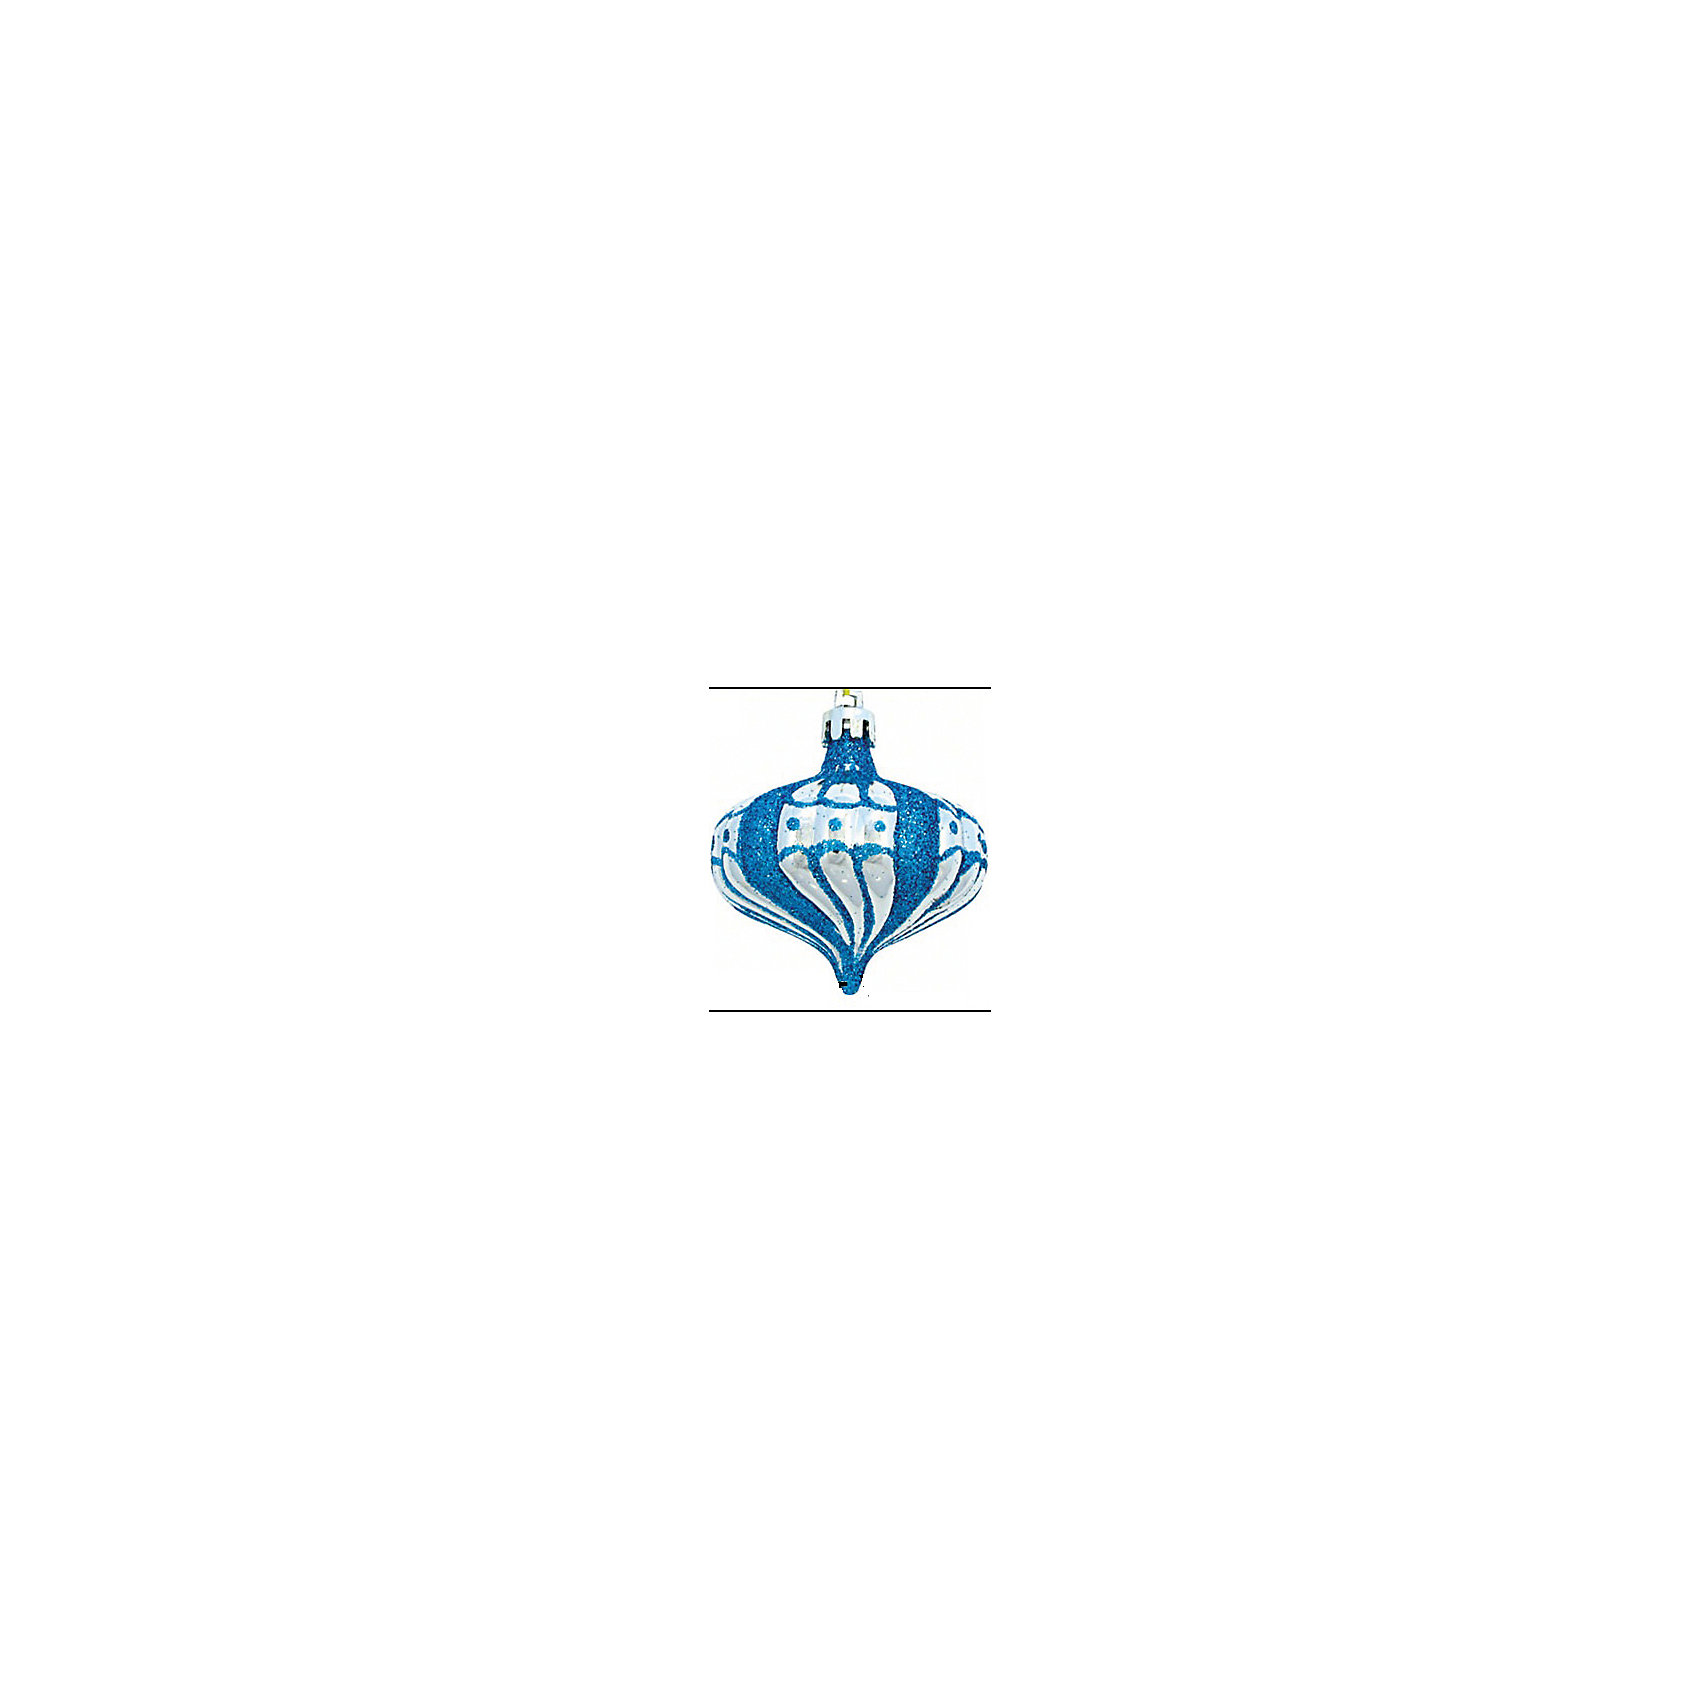 Набор Луковка 6 см, 4 шт, серебро, голубойВсё для праздника<br>Изготовлено из пластмассы , полимерных и текстильных материалов ёл. укр. набор ХАЙ-ТЕК луковка, 6см, 4шт, серебро, голуб<br><br>Ширина мм: 100<br>Глубина мм: 60<br>Высота мм: 100<br>Вес г: 100<br>Возраст от месяцев: 36<br>Возраст до месяцев: 2147483647<br>Пол: Унисекс<br>Возраст: Детский<br>SKU: 5101081